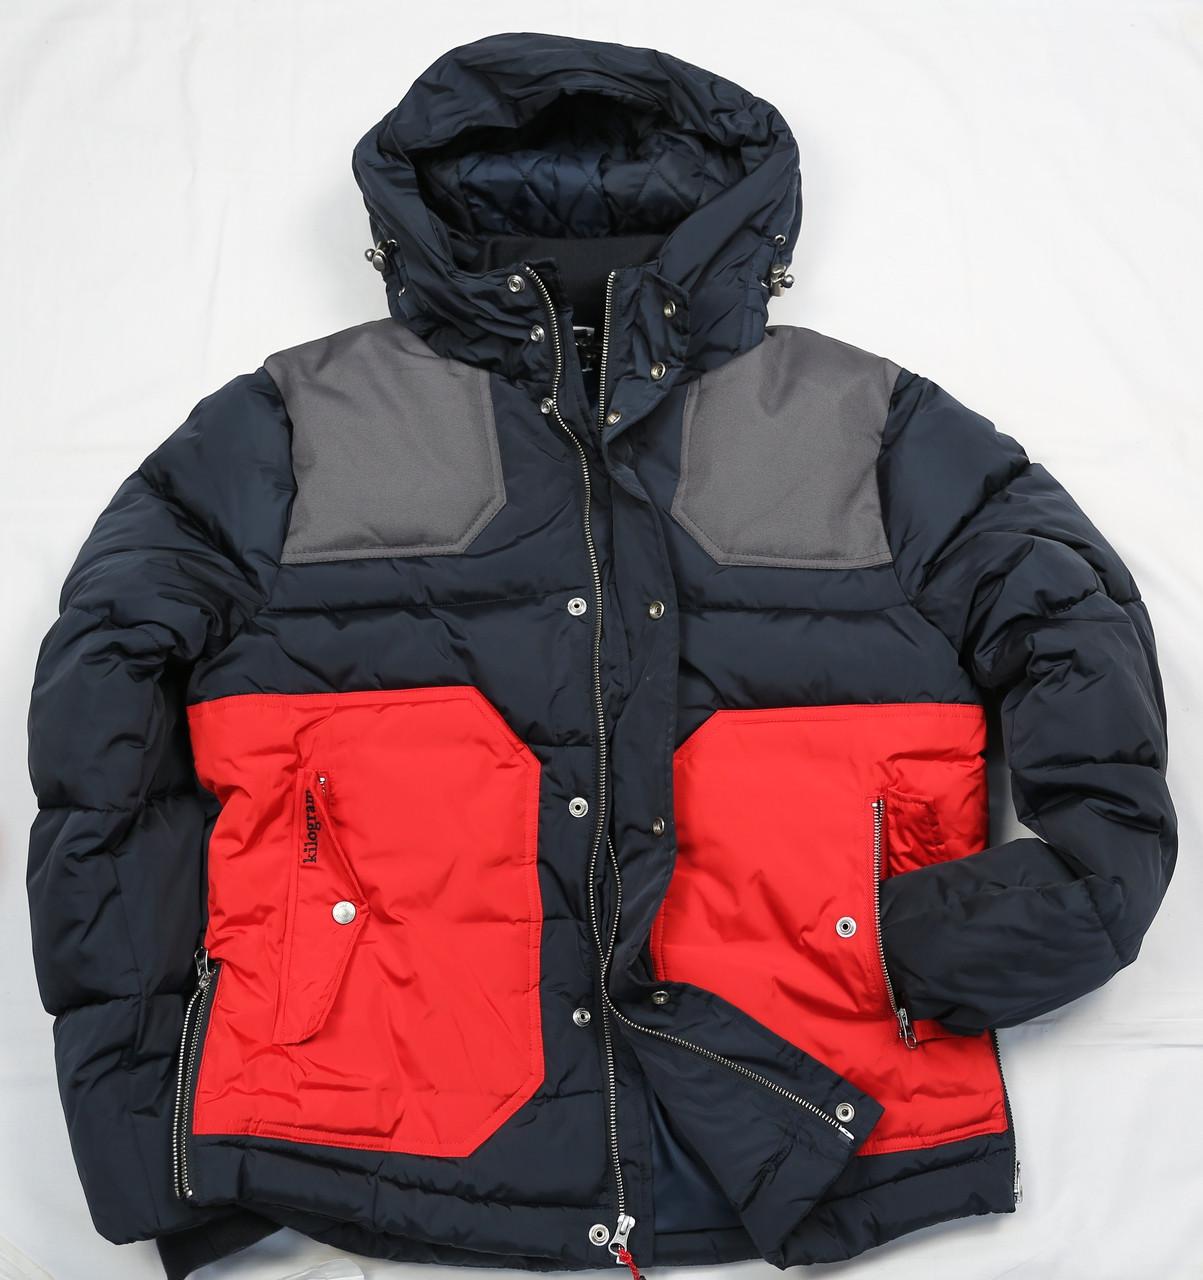 21ea5197 KG7403 - Colorblock Zipper Jacket - Kilogram Clothing